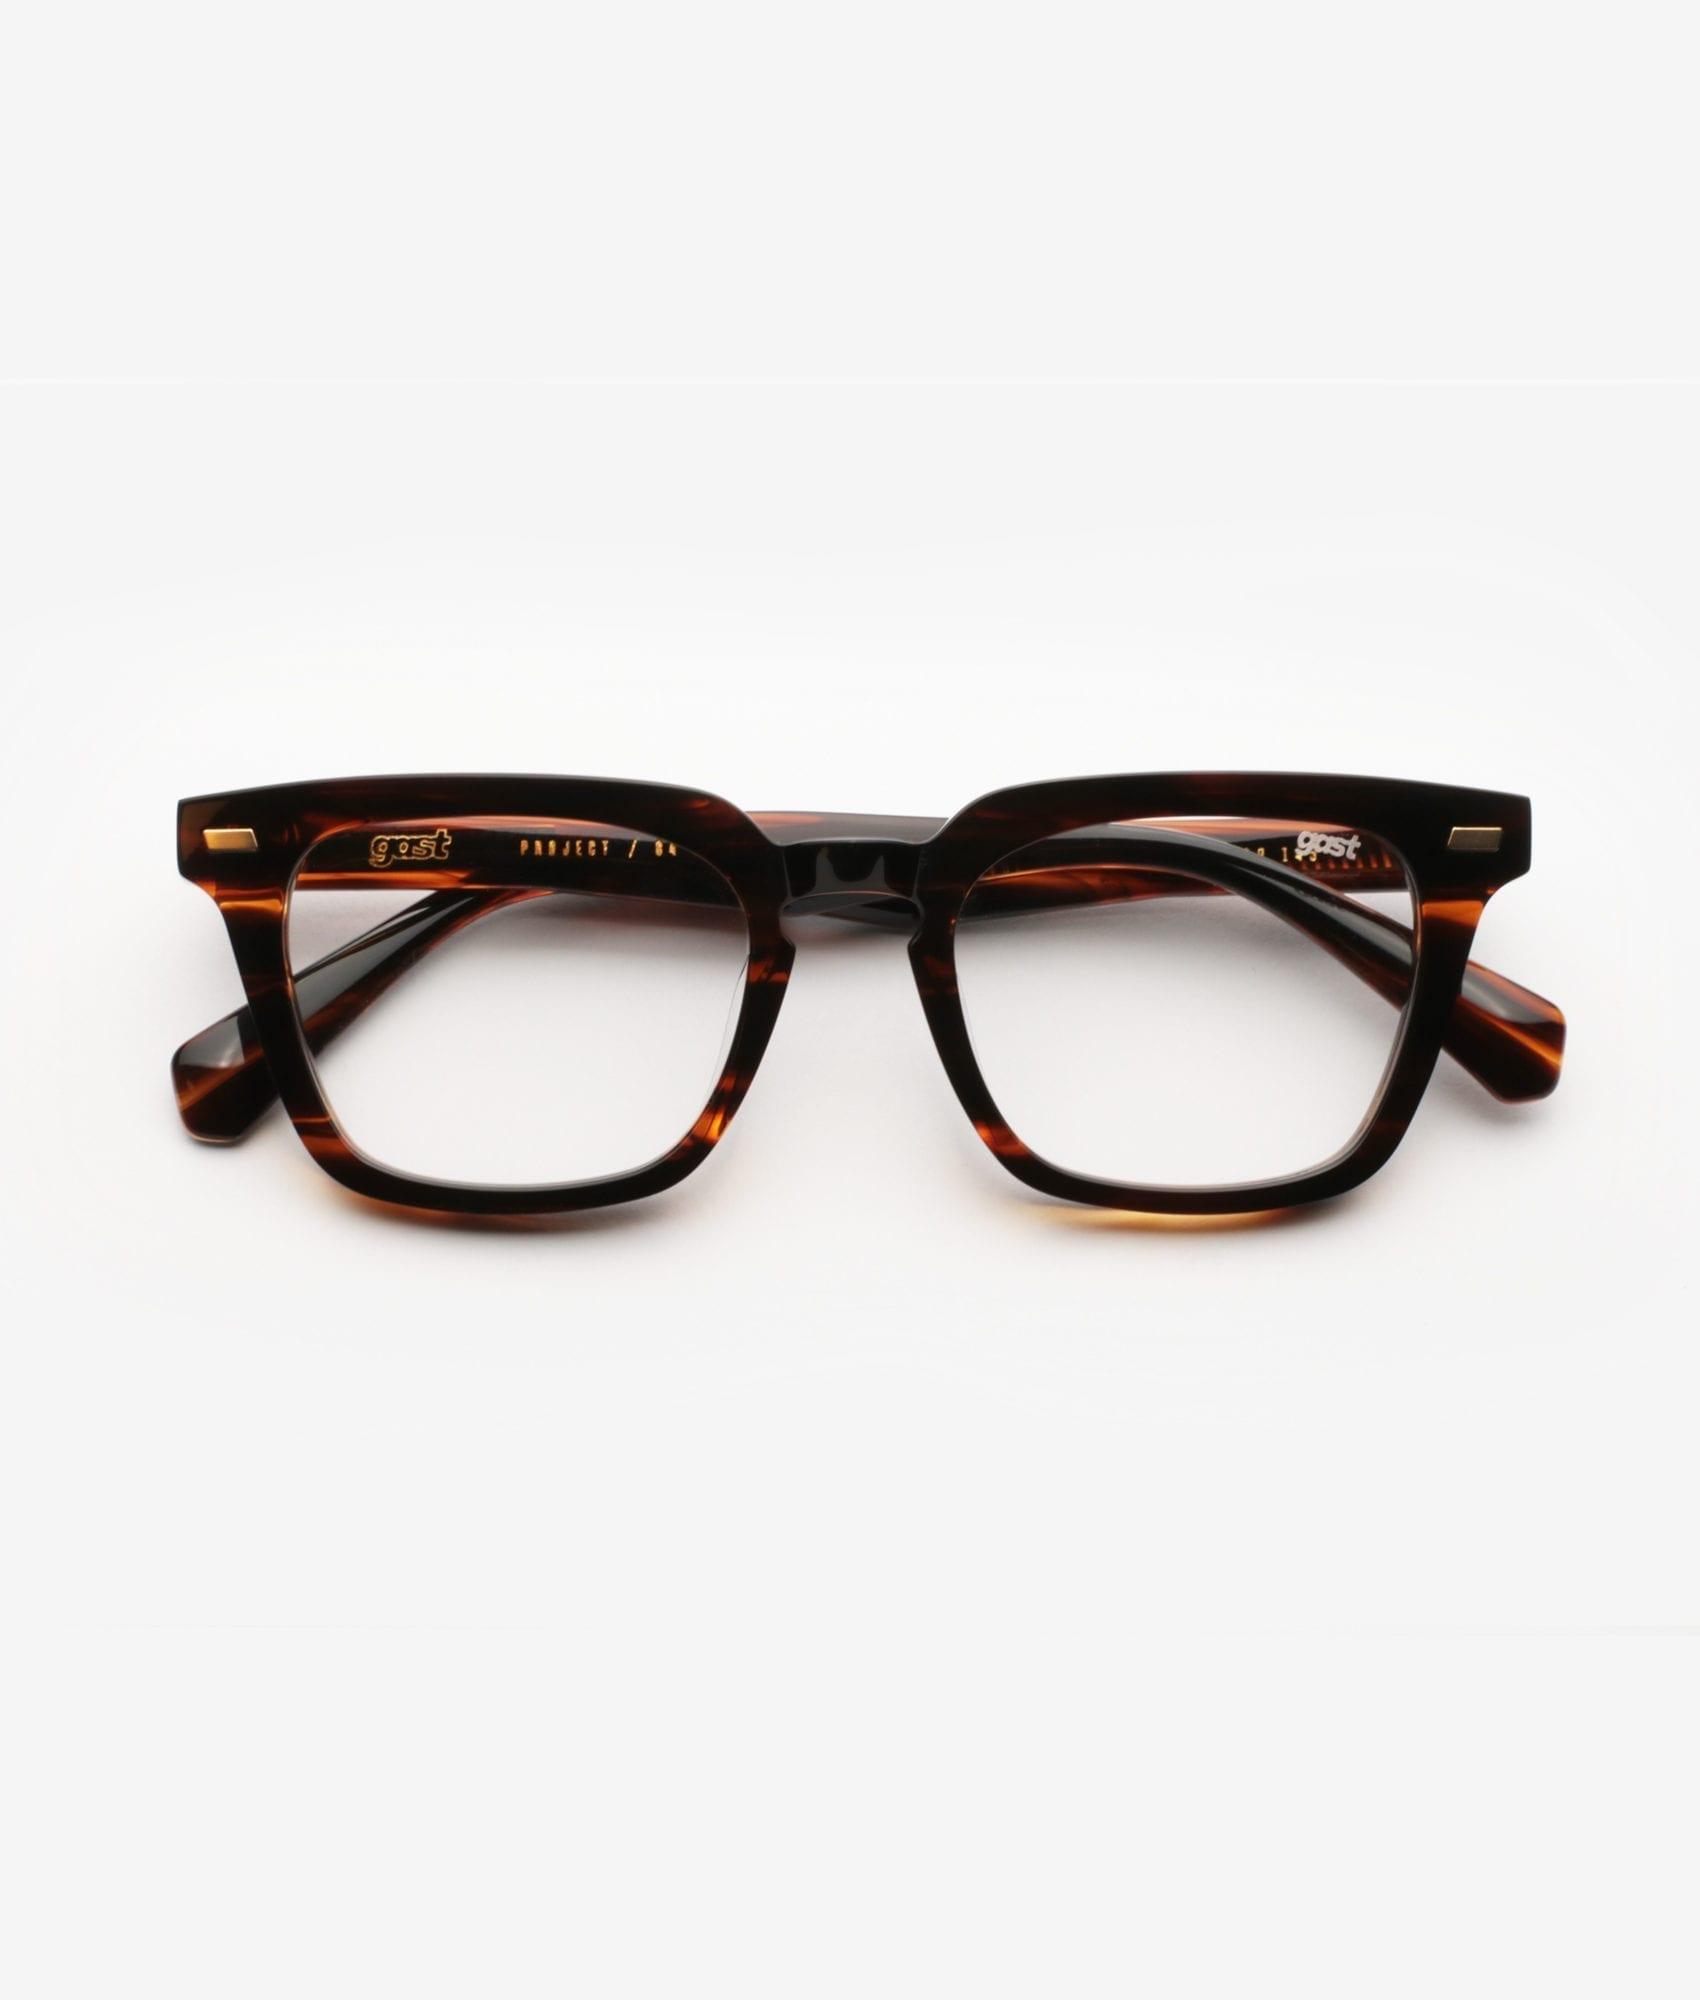 Ciacer Duna Gast Eyewear